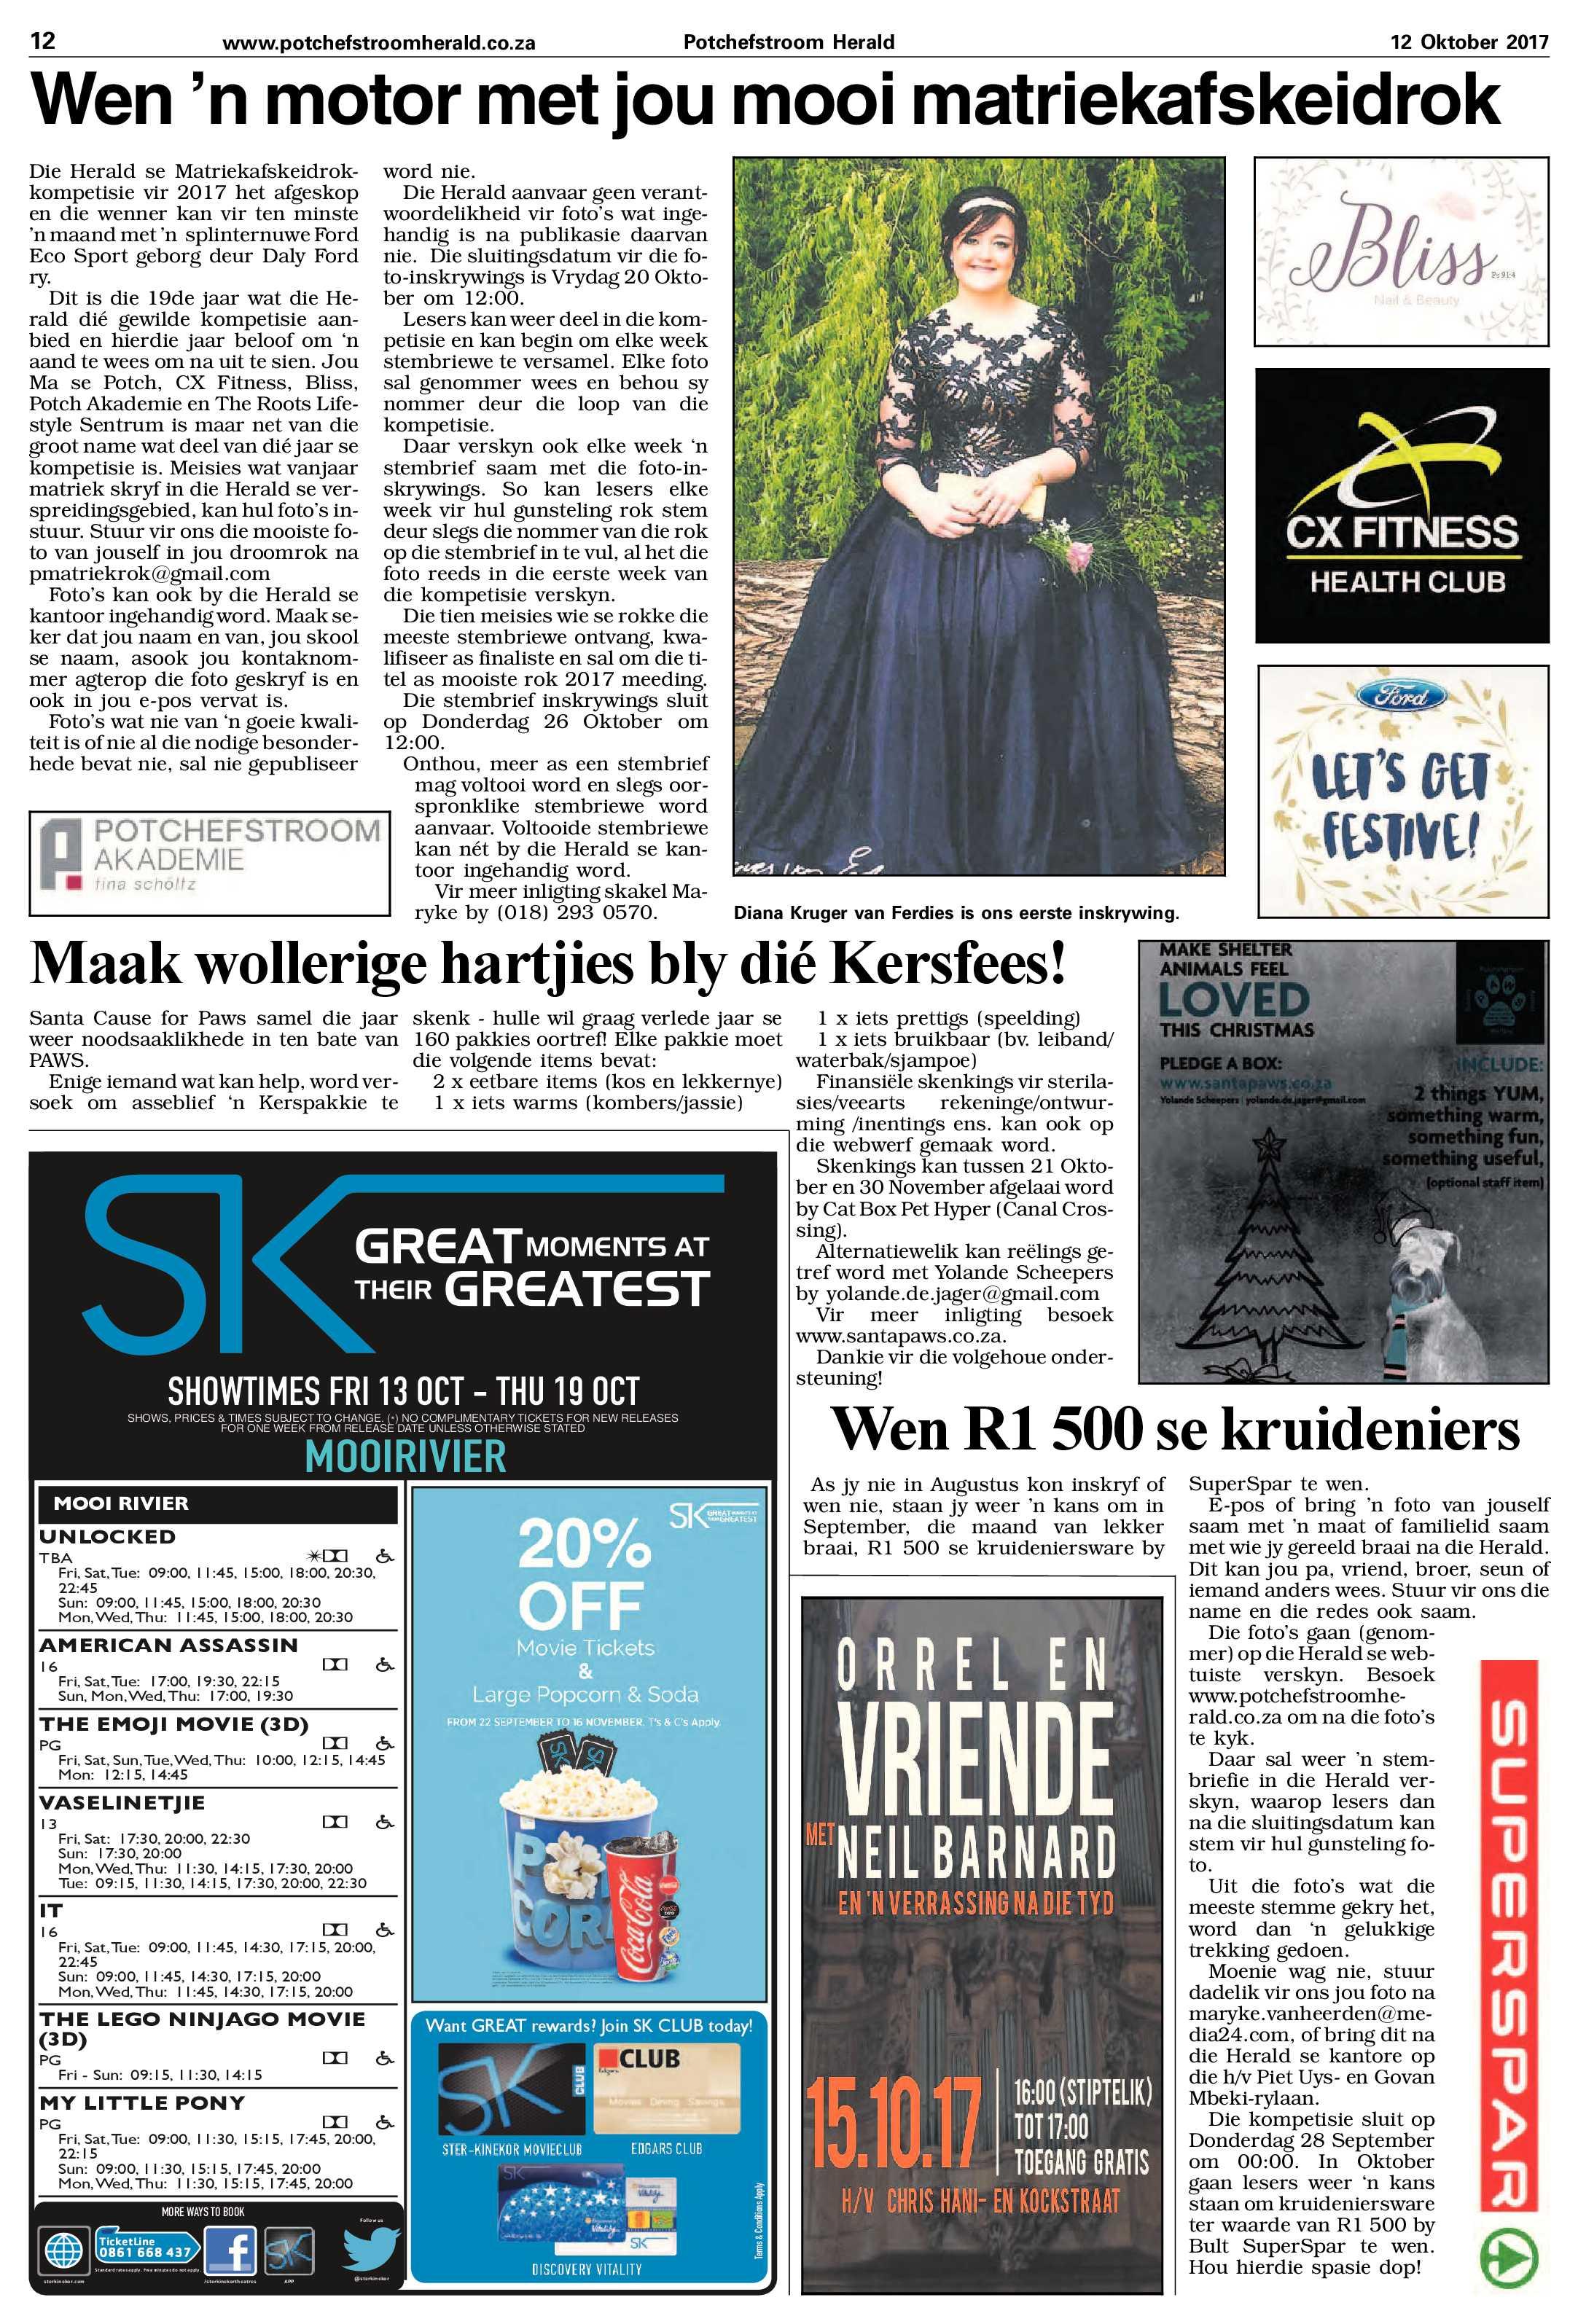 12-oktober-2017-epapers-page-12